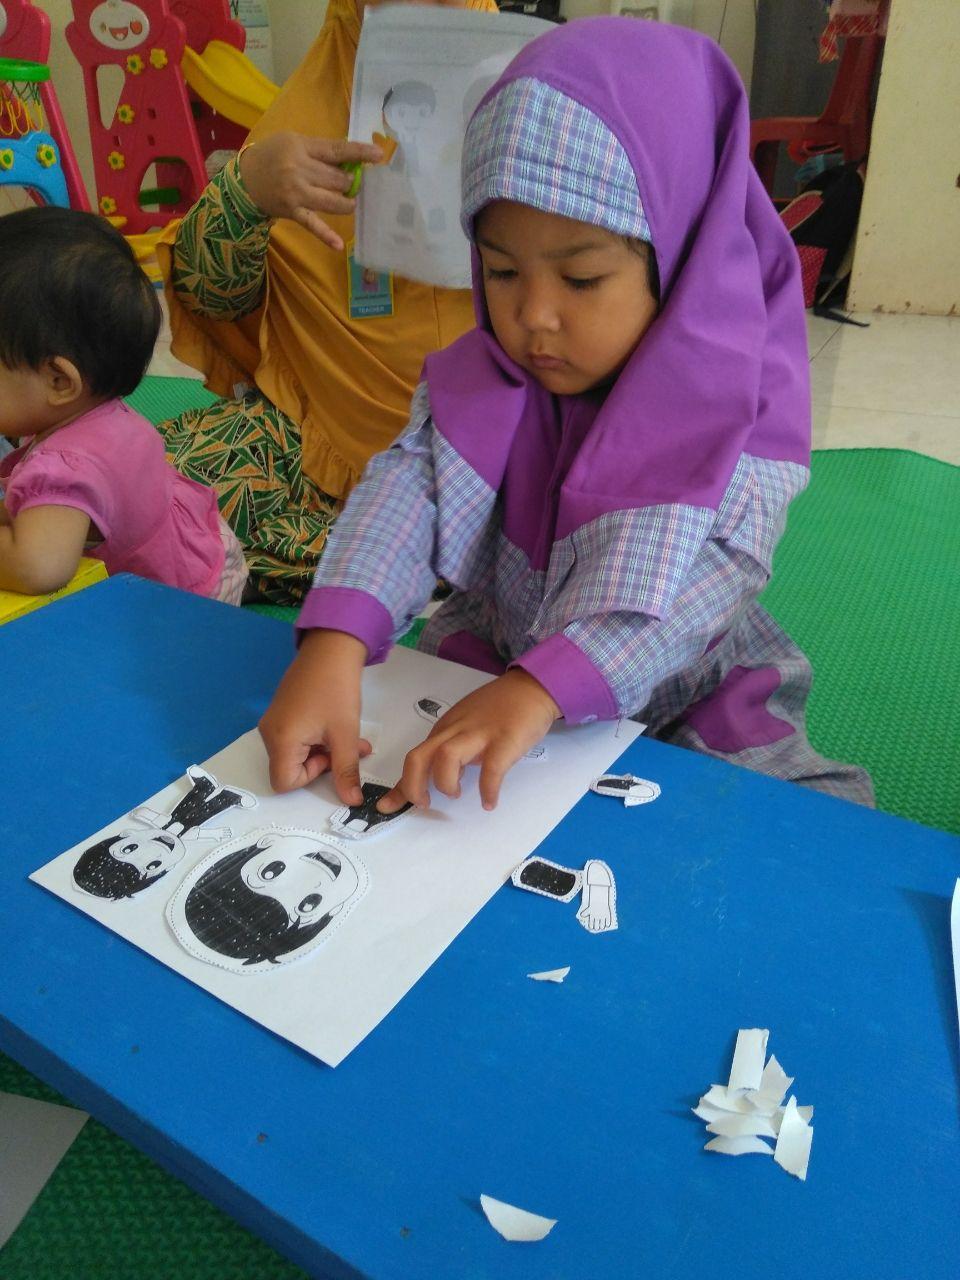 Mengenal Anggota Tubuh Melalui Gambar Pada Anak Usia Dini Kompasiana Com